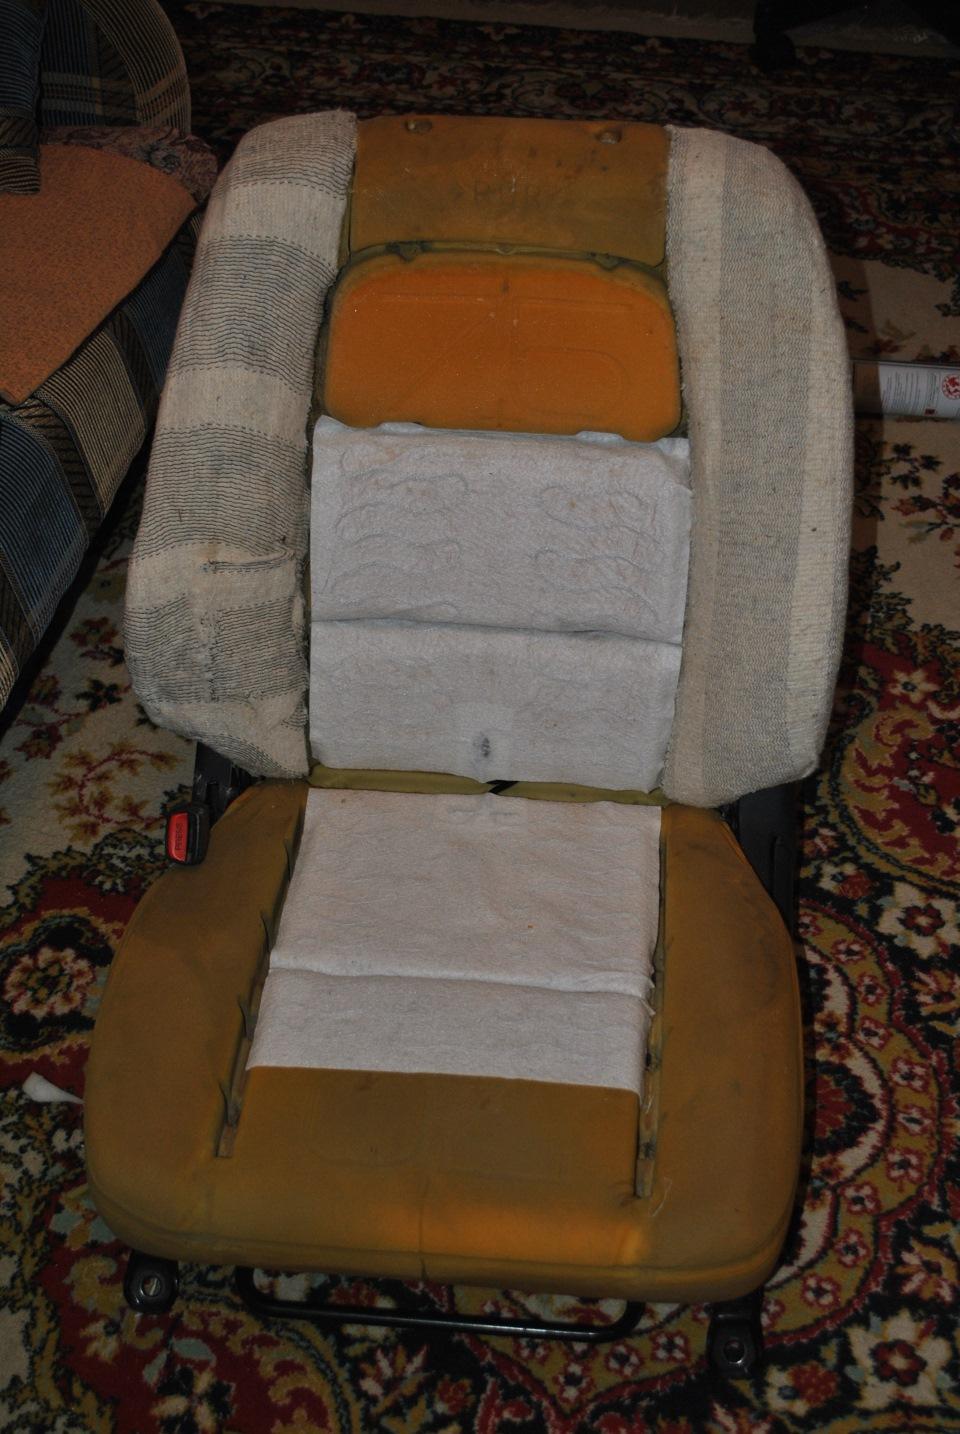 Ремонт продавленного сидения автомобиля своими руками